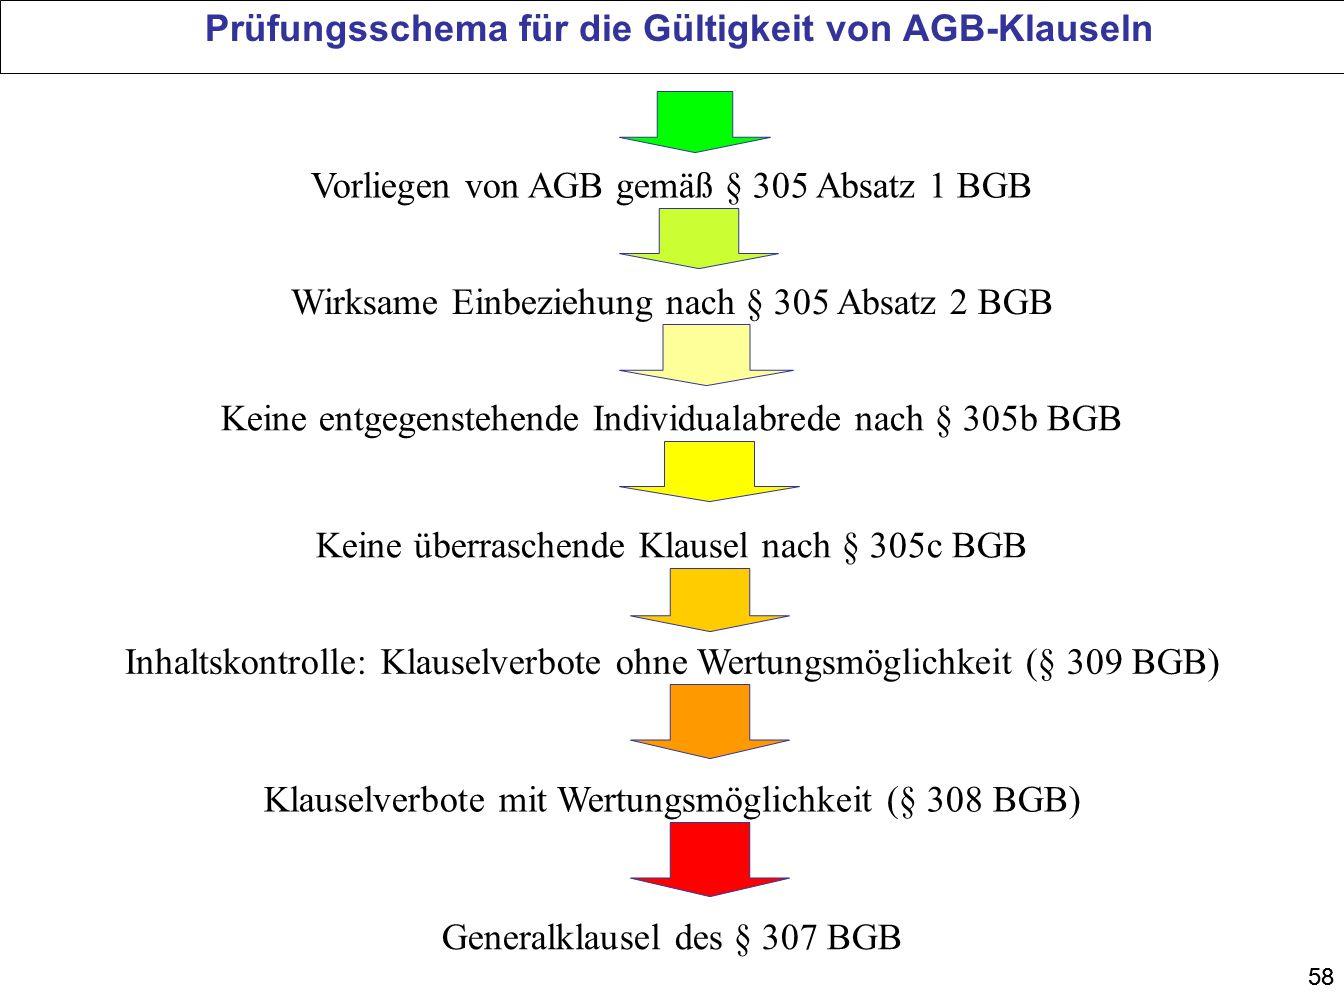 58 Prüfungsschema für die Gültigkeit von AGB-Klauseln Vorliegen von AGB gemäß § 305 Absatz 1 BGB Wirksame Einbeziehung nach § 305 Absatz 2 BGB Keine ü